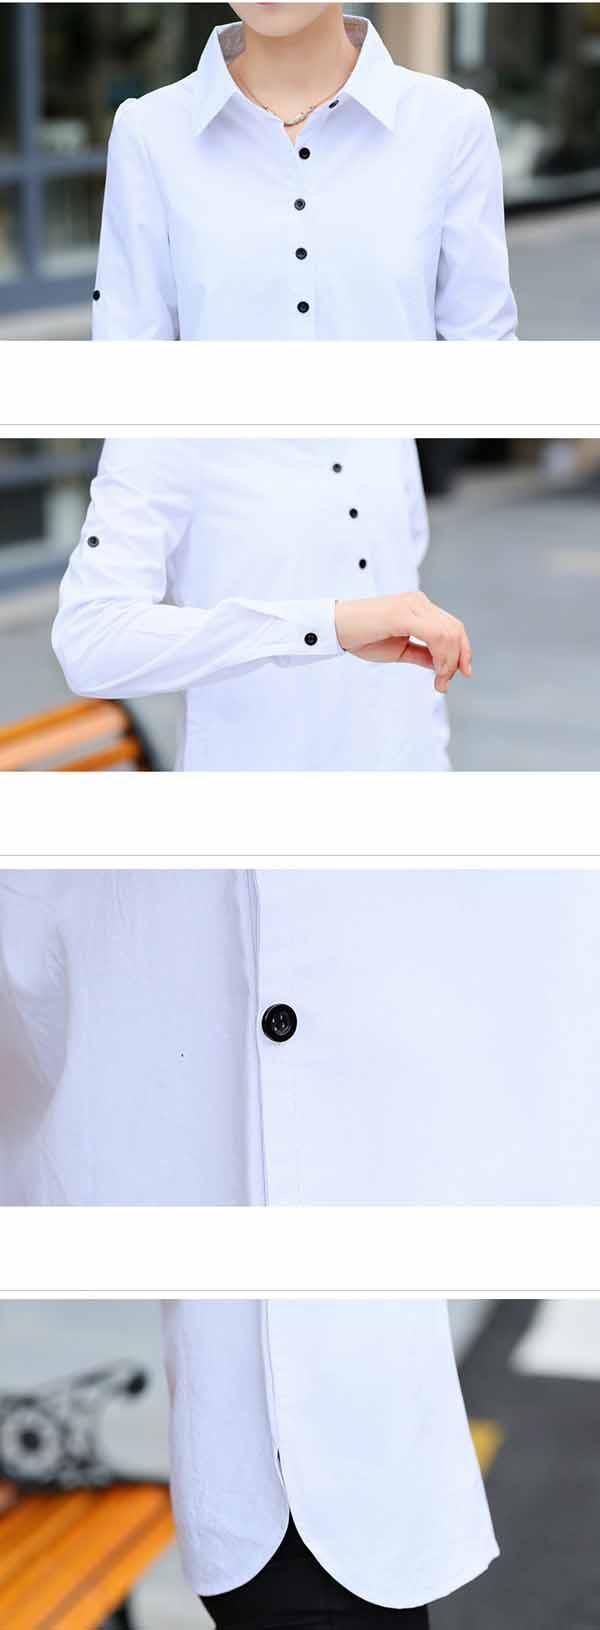 เสื้อเชิ้ต แฟชั่นเกาหลีสวยแขนยาวทำงานตัวยาวสไตล์วินเทจหรู นำเข้า ไซส์XXL สีขาว - พร้อมส่งBM2647 ราคา1190บาท